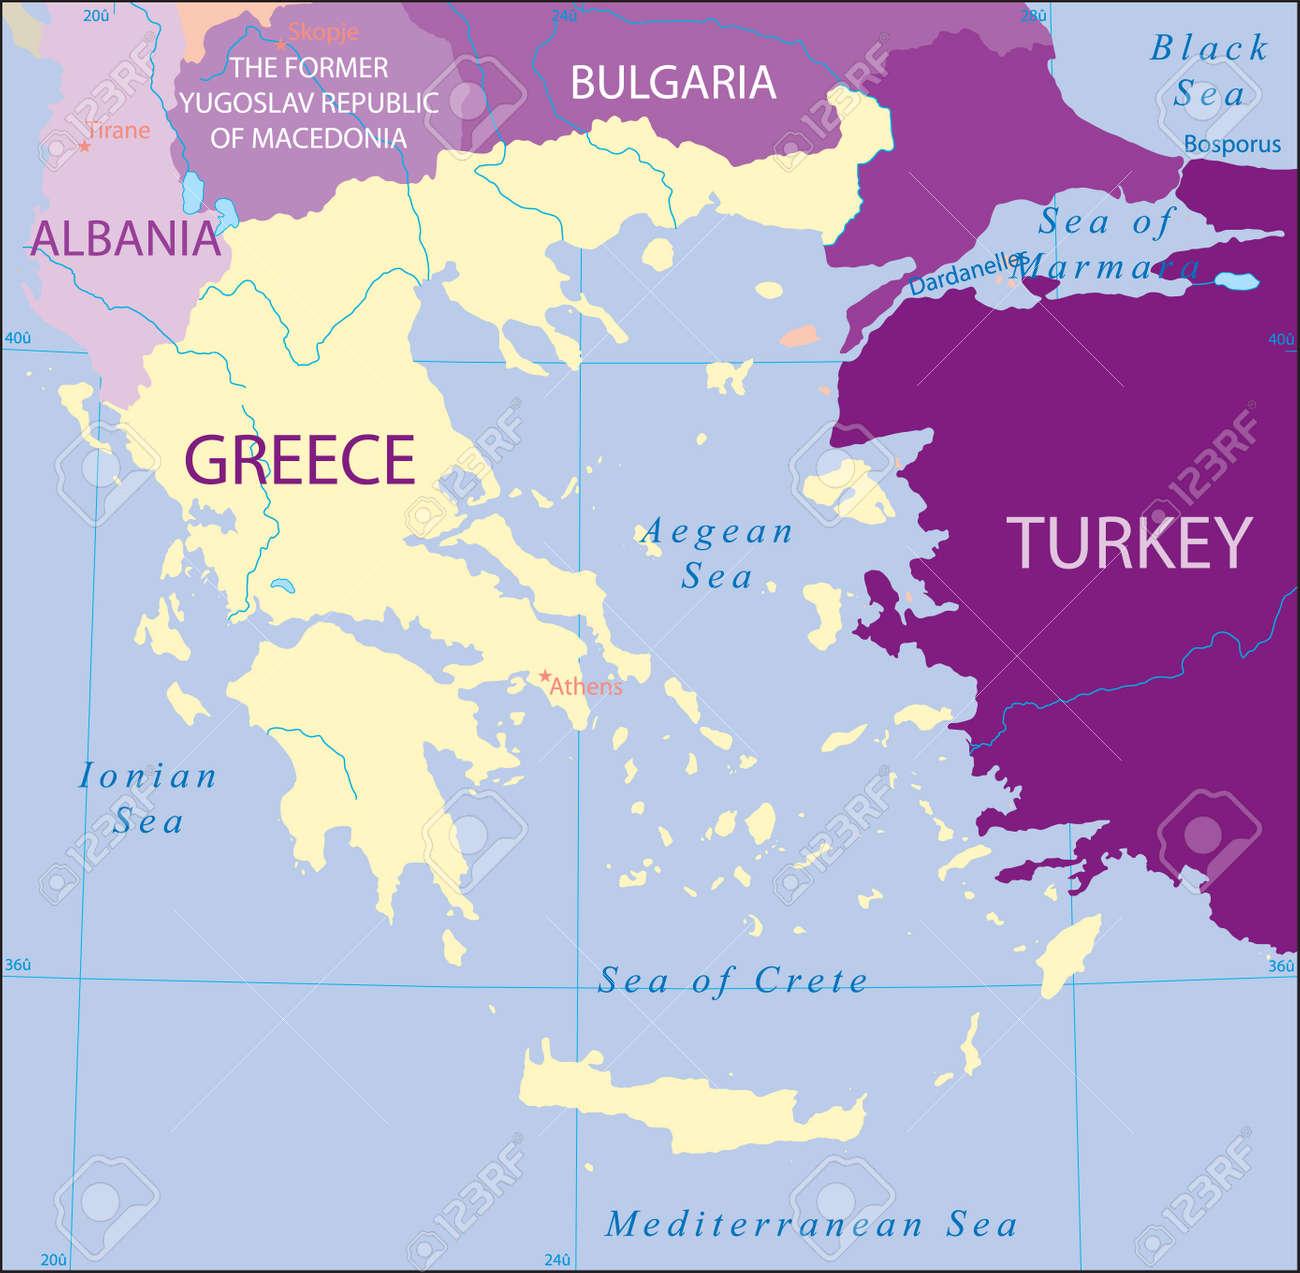 Turchia-Grecia-Albania-Macedonia-Bulgaria Mappa Archivio Fotografico - 3941442